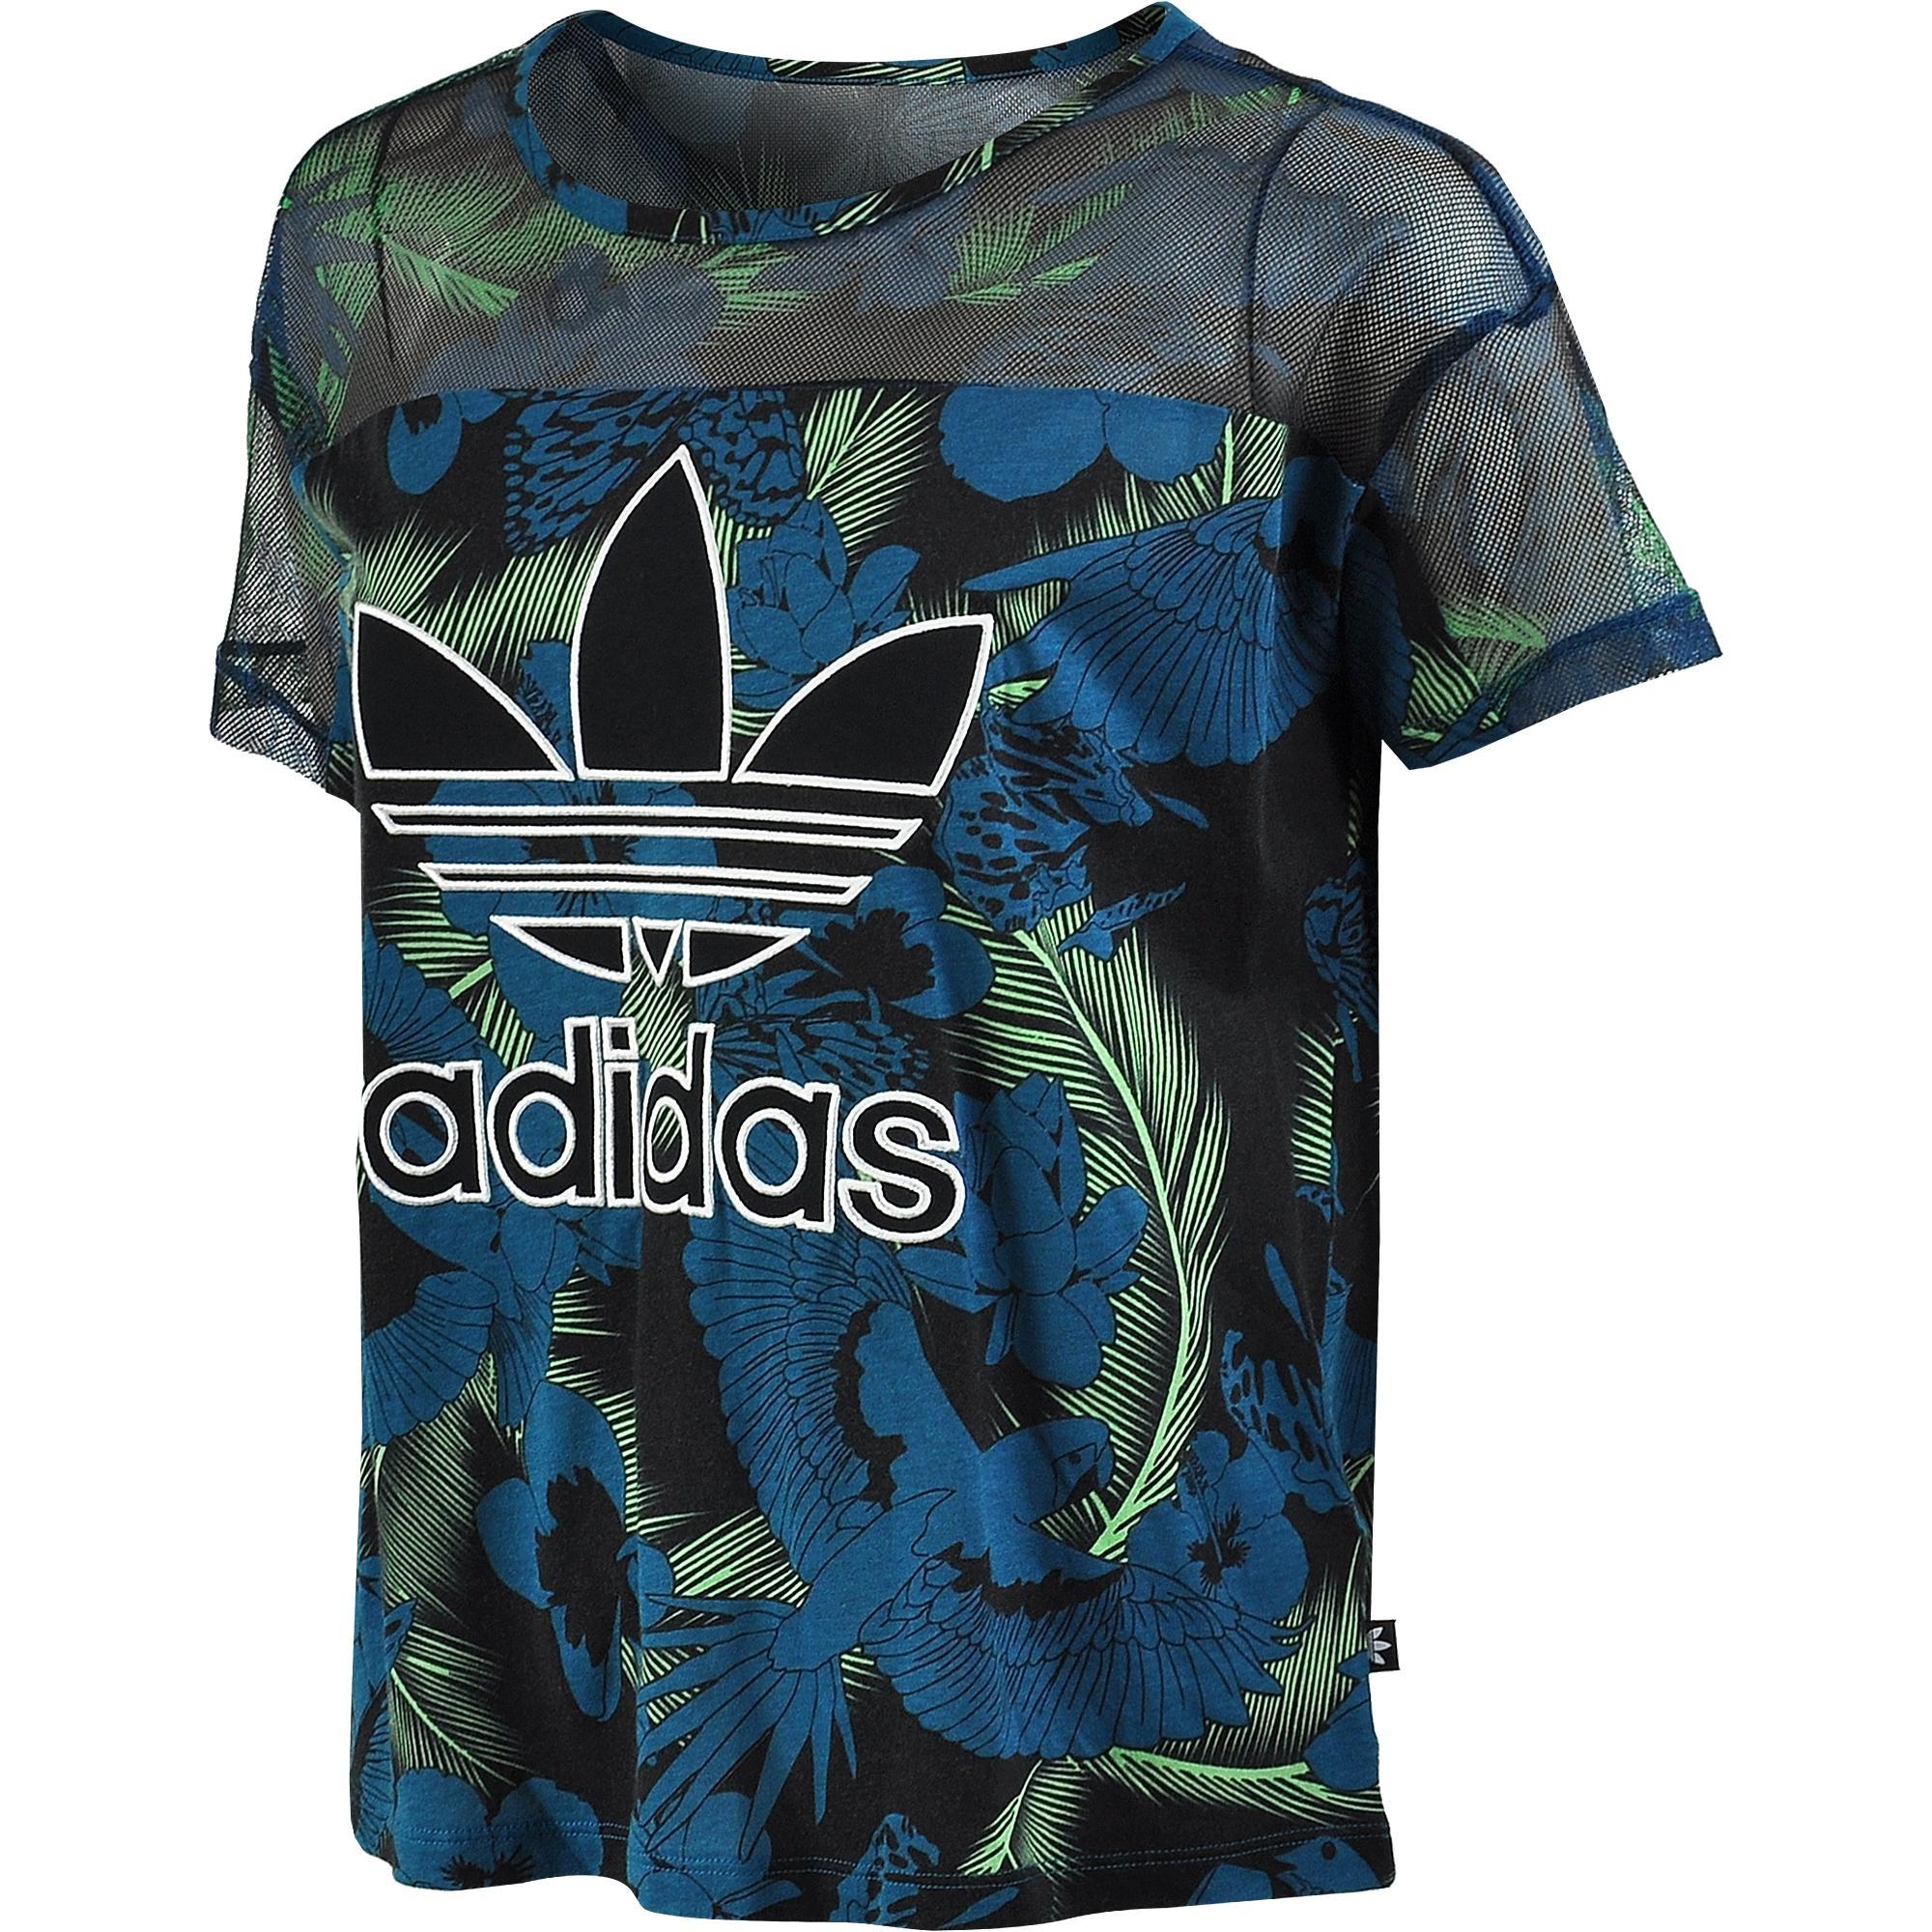 c215159159c Original Adidas Hawaii Mesh Tees S20026 Flora.